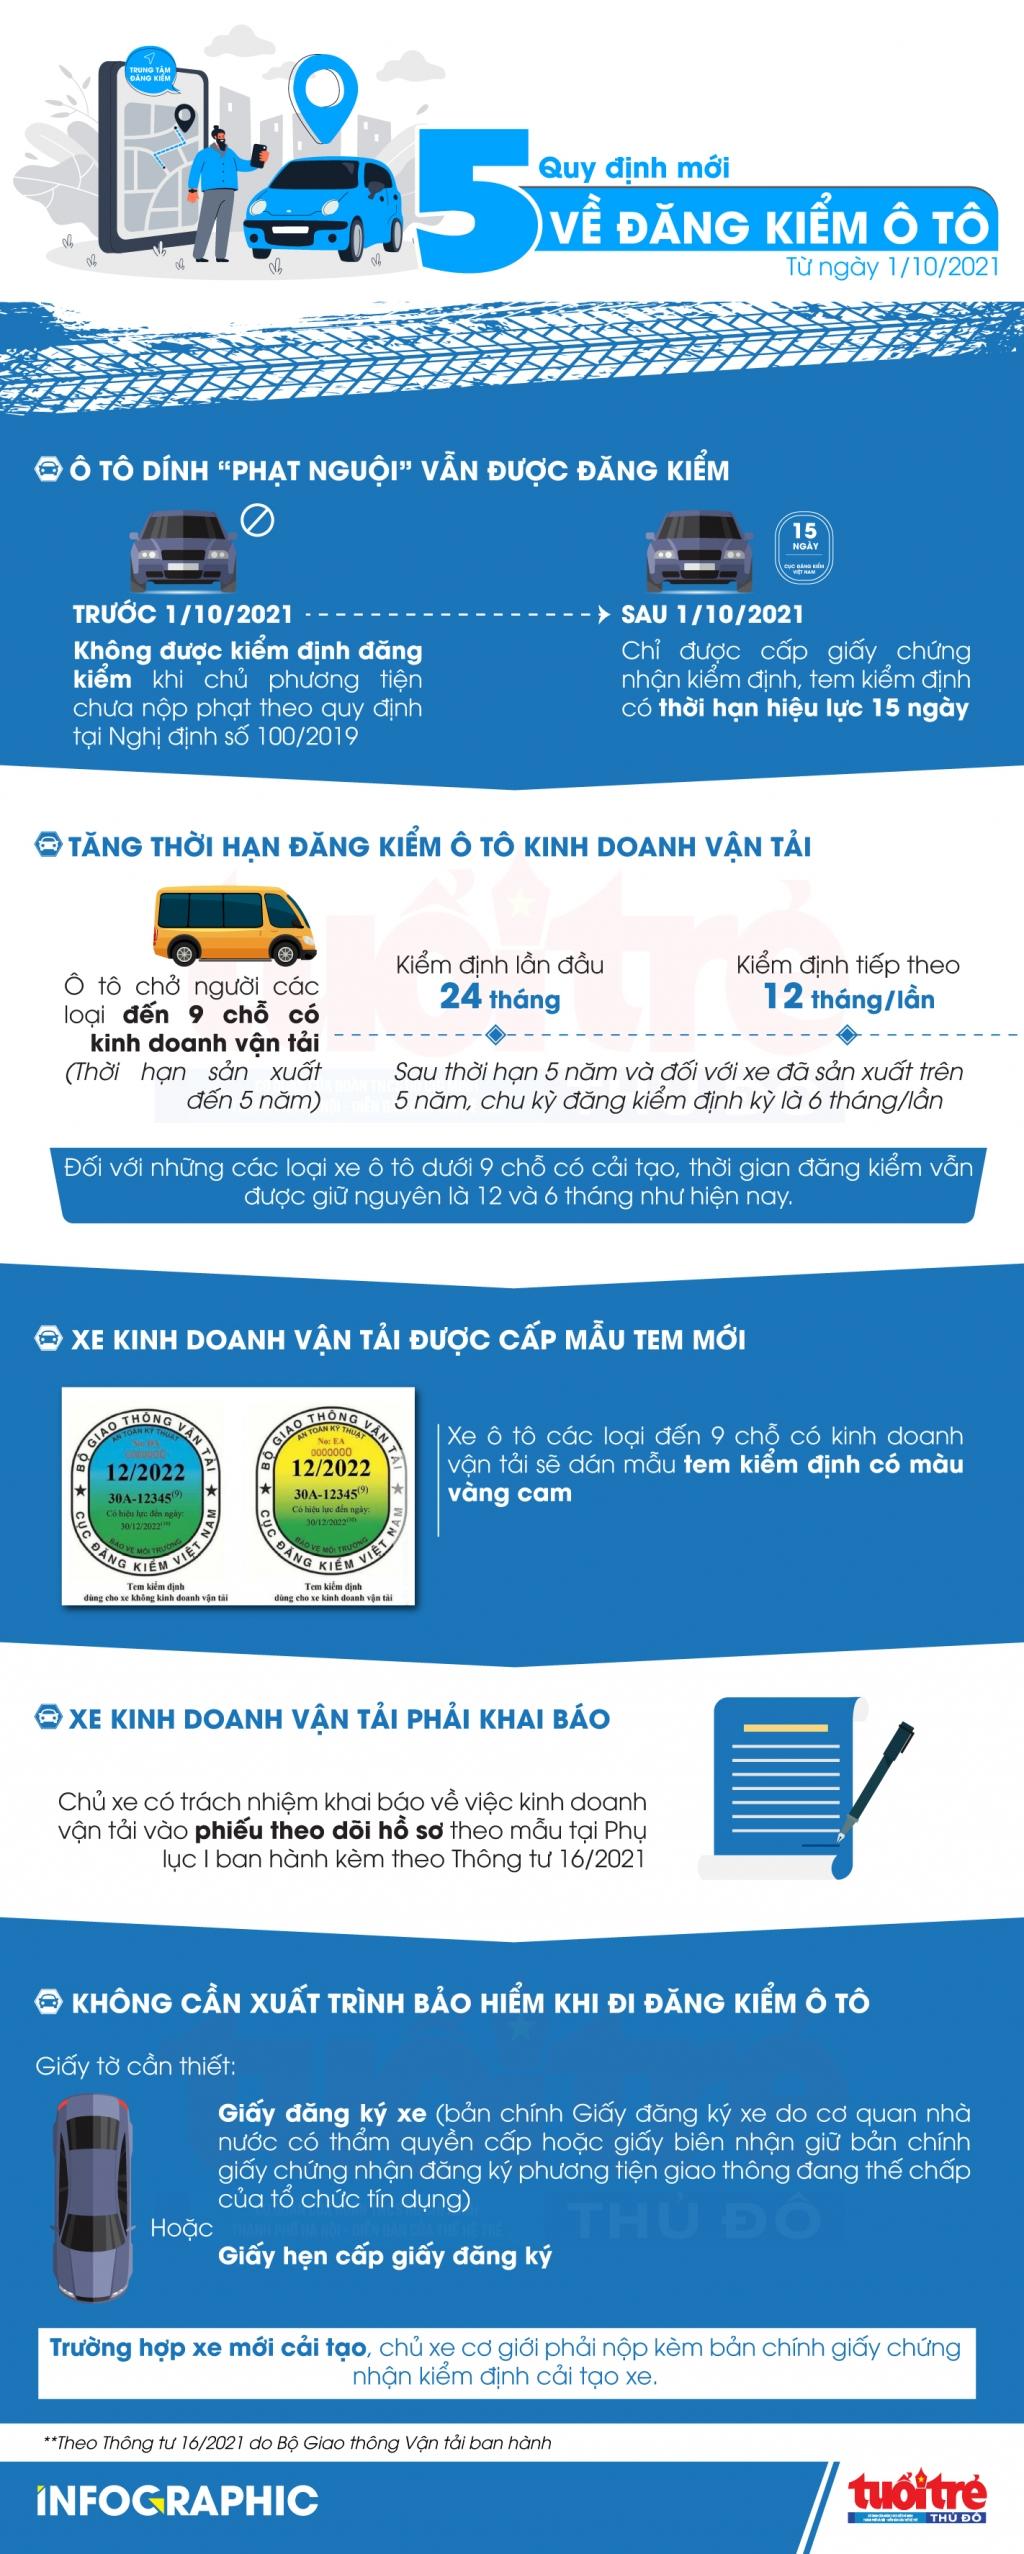 5 quy định mới về đăng kiểm ô tô áp dụng từ ngày 1/10